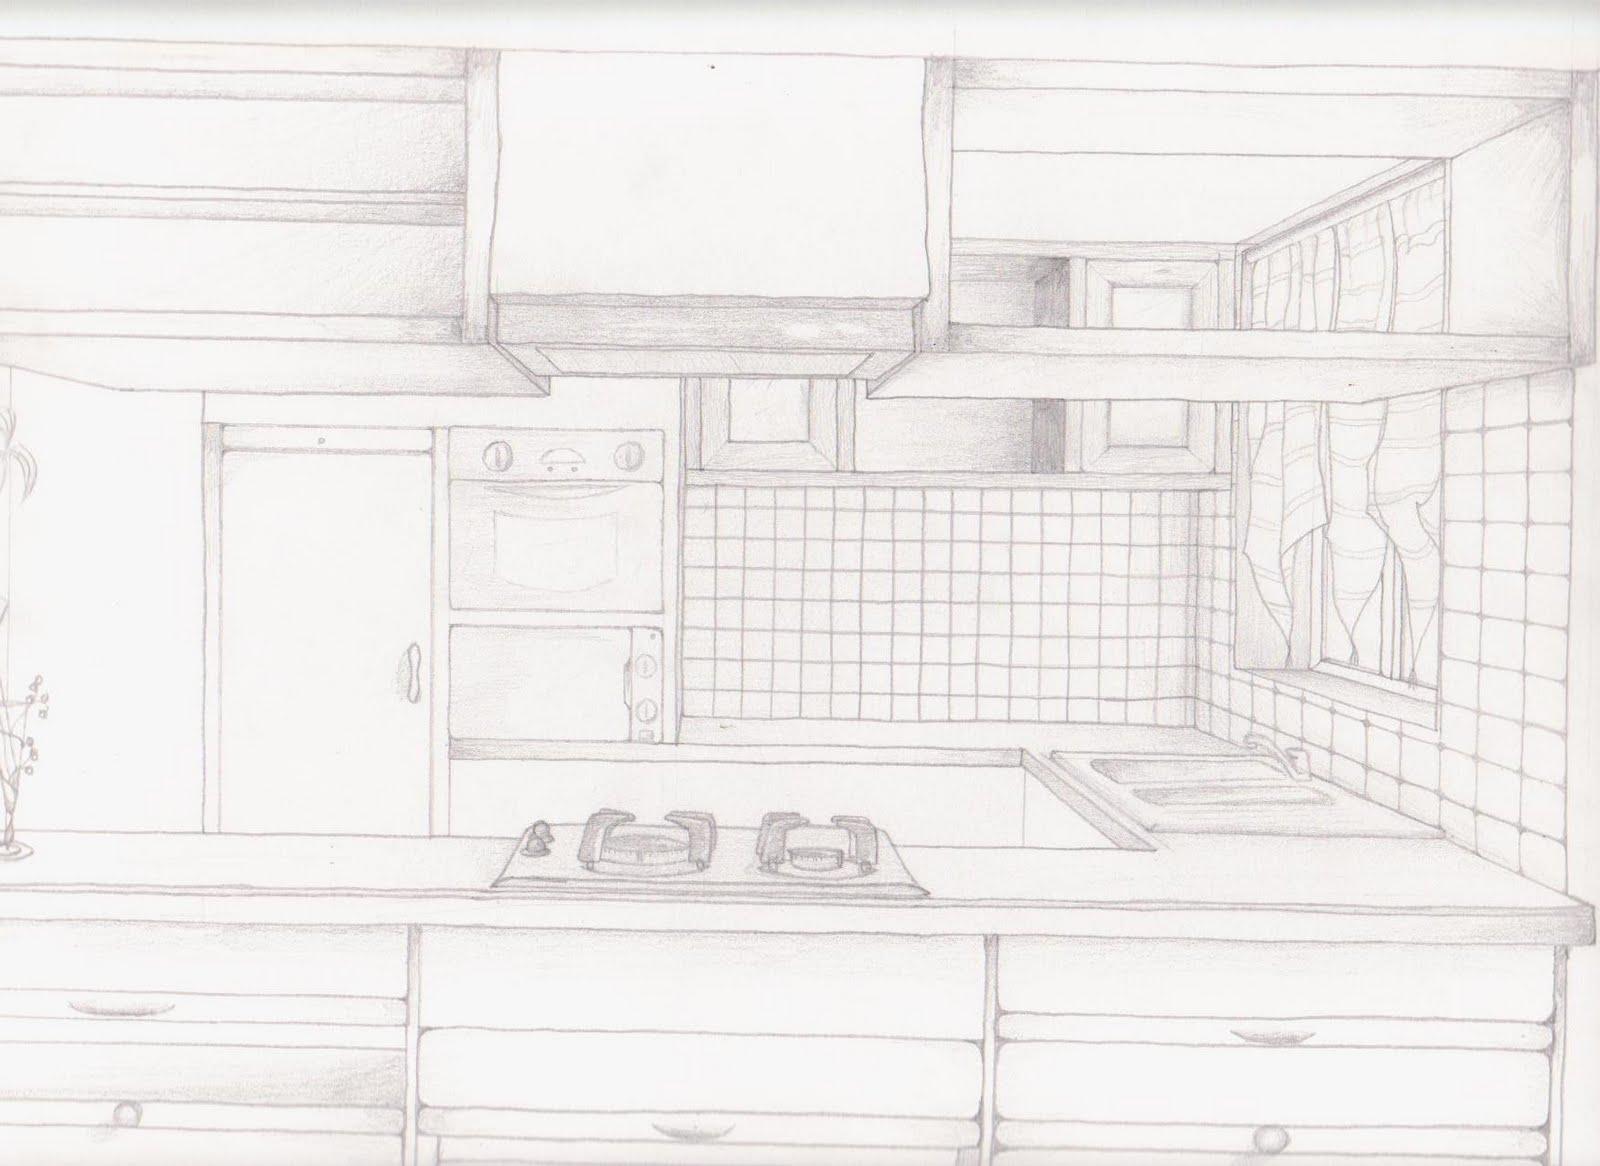 Marine langlade cuisine am nag e for Perspective cuisine dessin